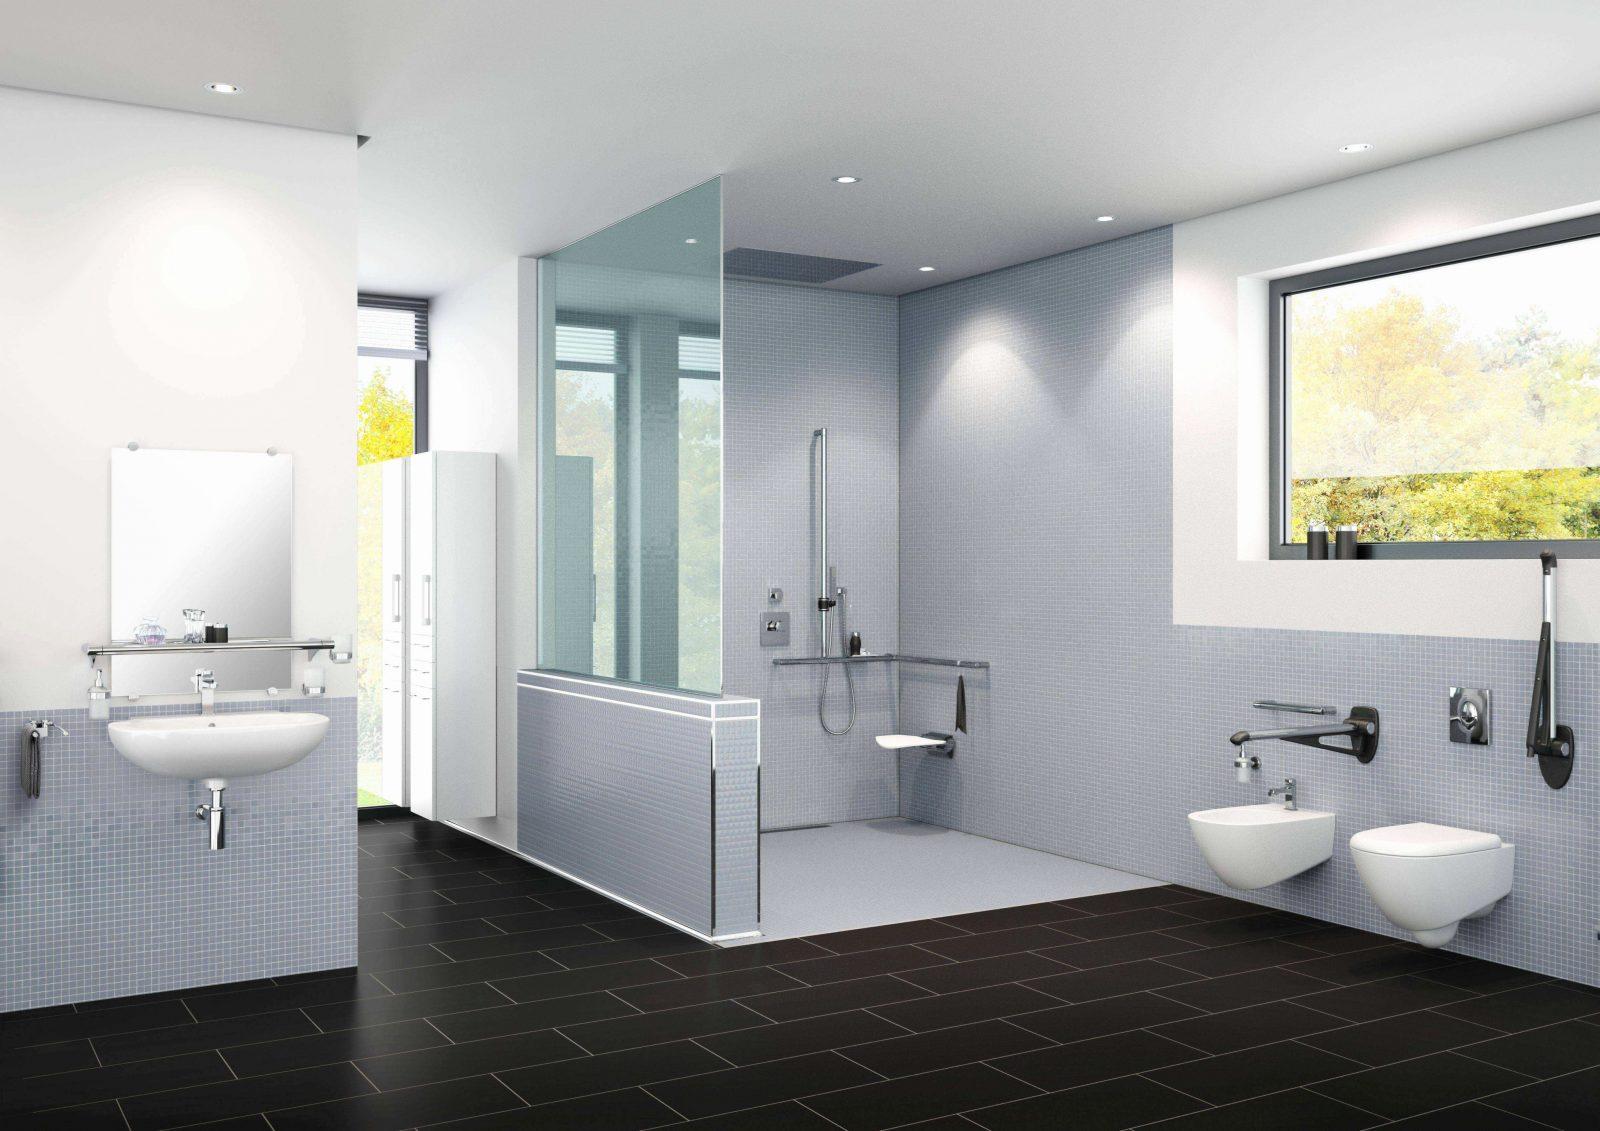 43 Bilder Bild Von Grundriss Badezimmer 10 Qm  Haus Ideen Möbel Und von Grundriss Badezimmer 10 Qm Bild